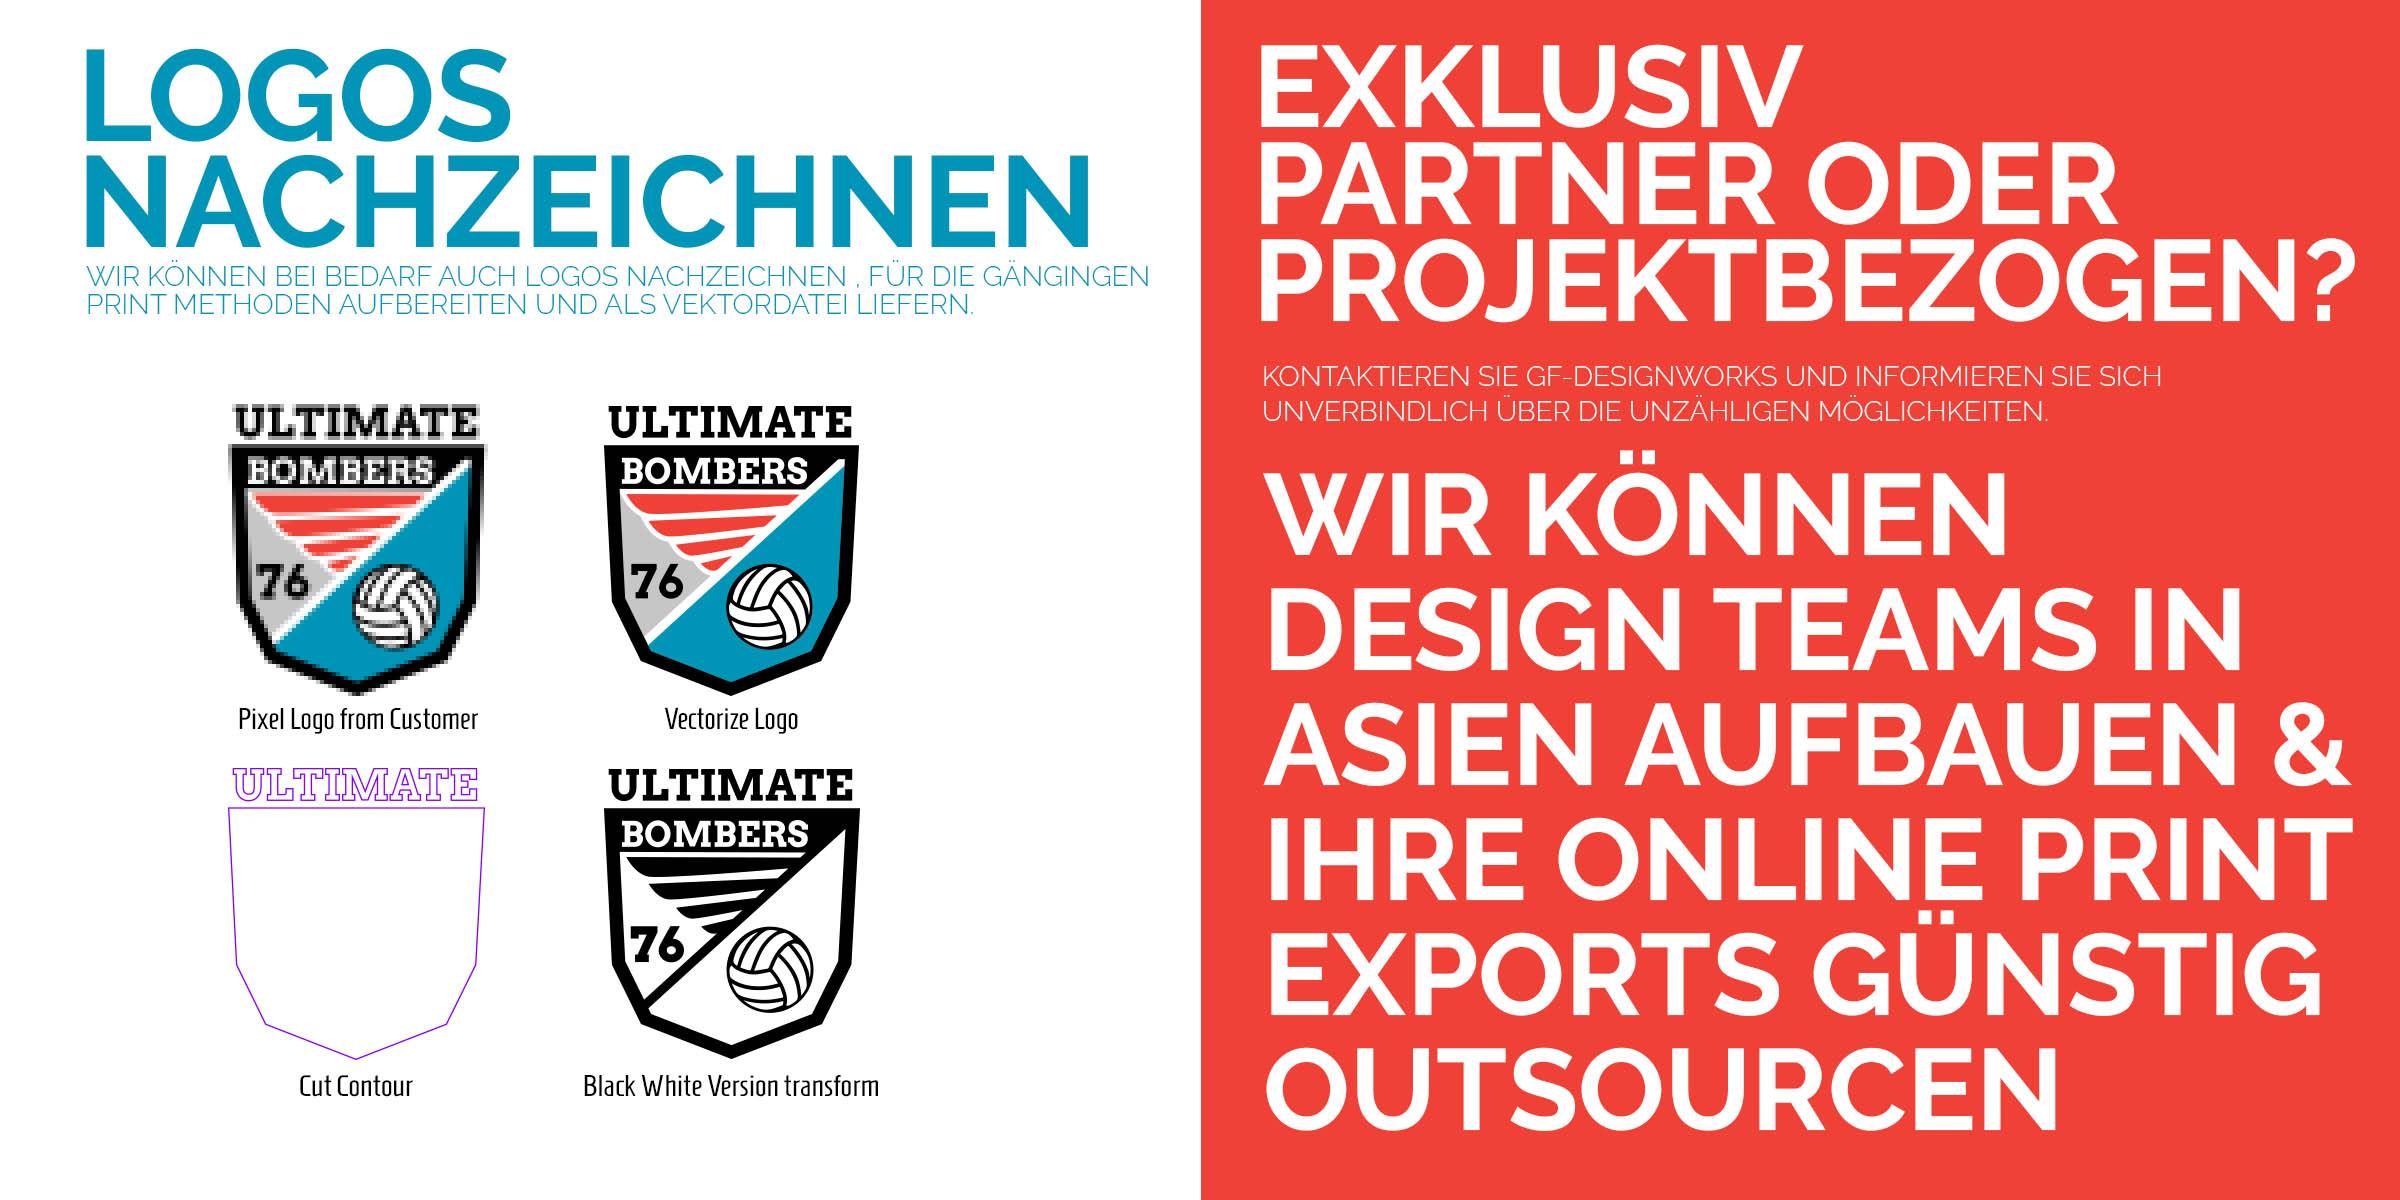 export teamlines merchandising graphics cigenerator 6